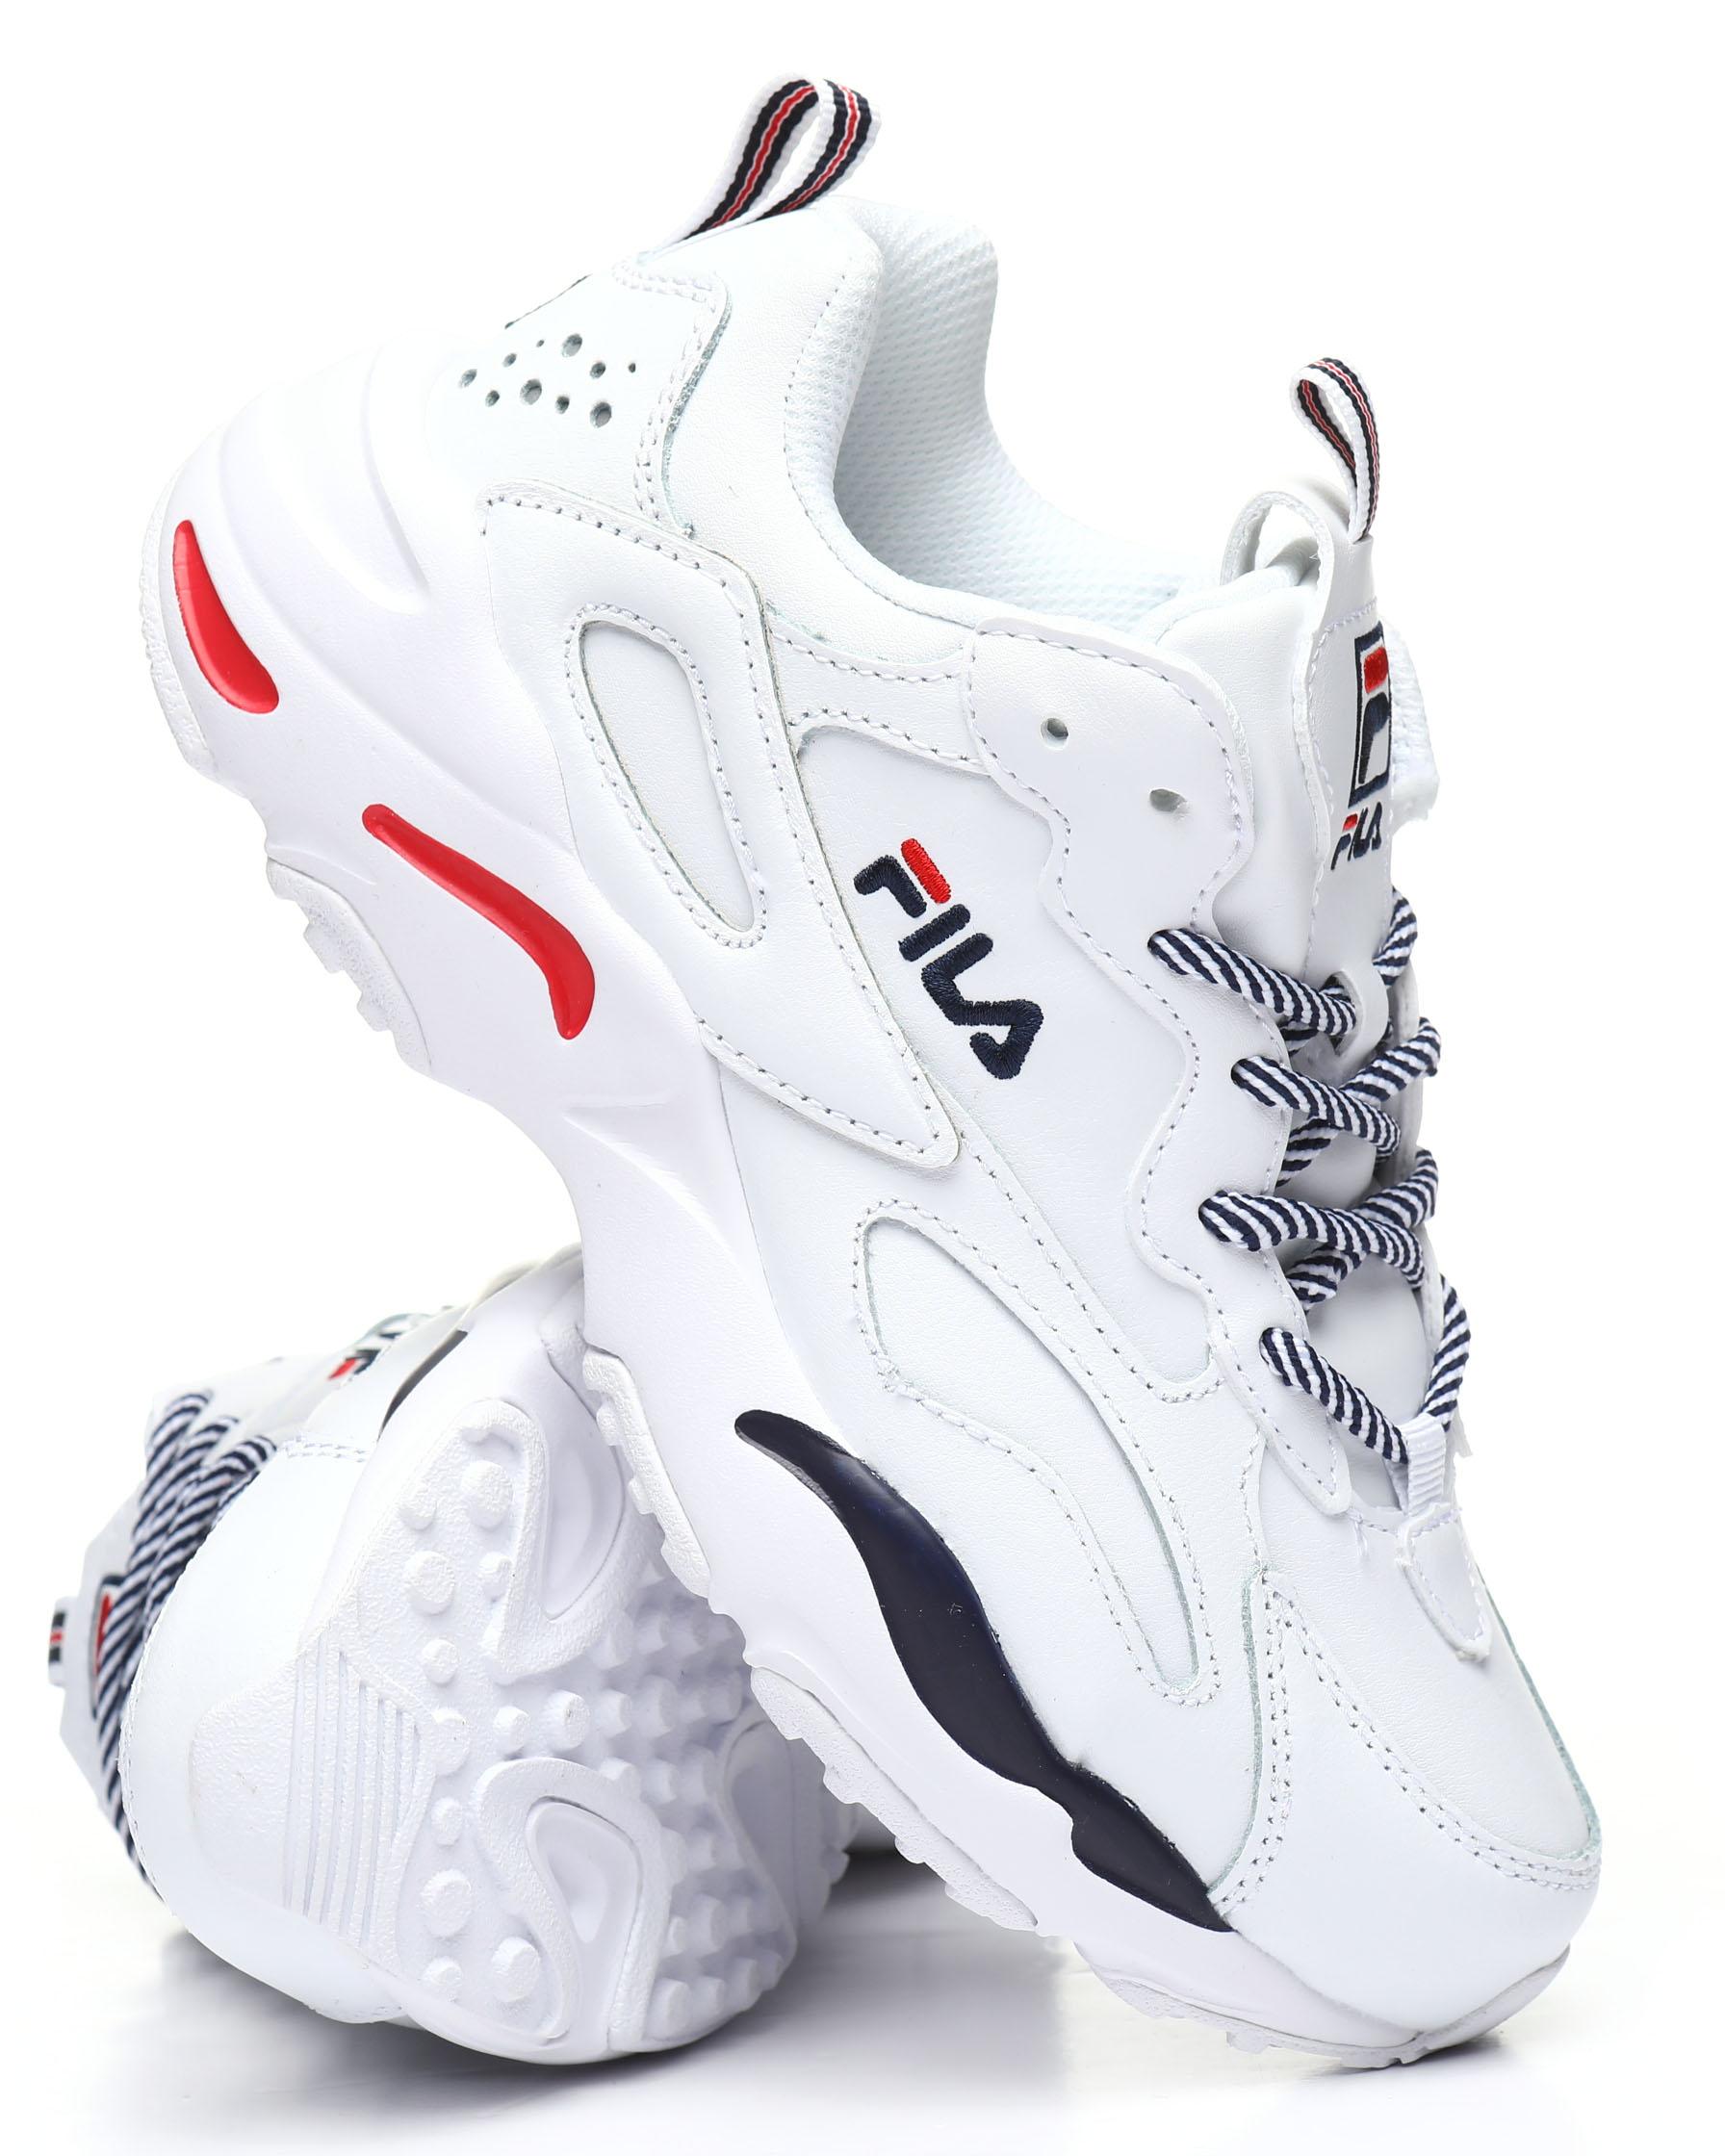 Buy Ray Tracer Sneakers Women's Footwear from Fila. Find